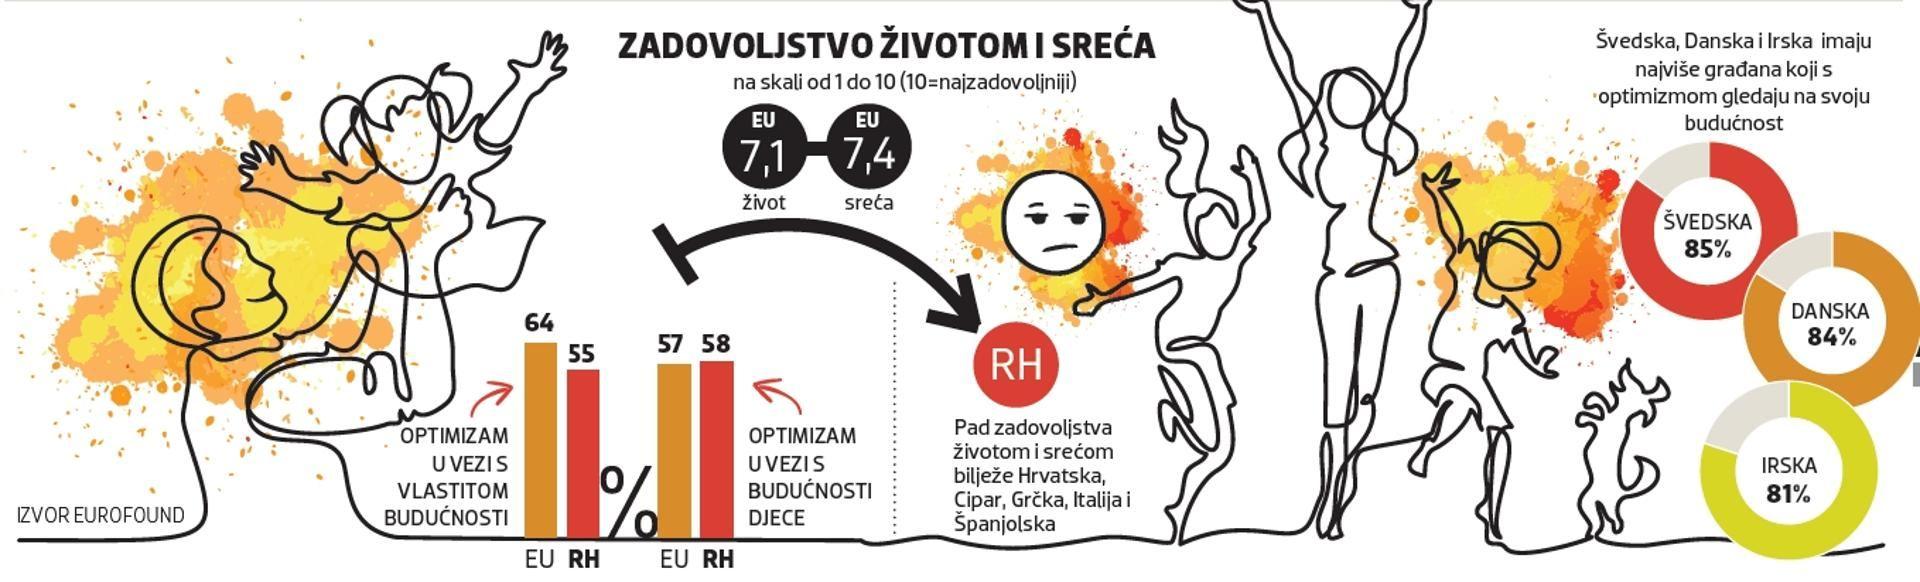 Kvaliteta života u EU raste, a u Hrvatskoj tone